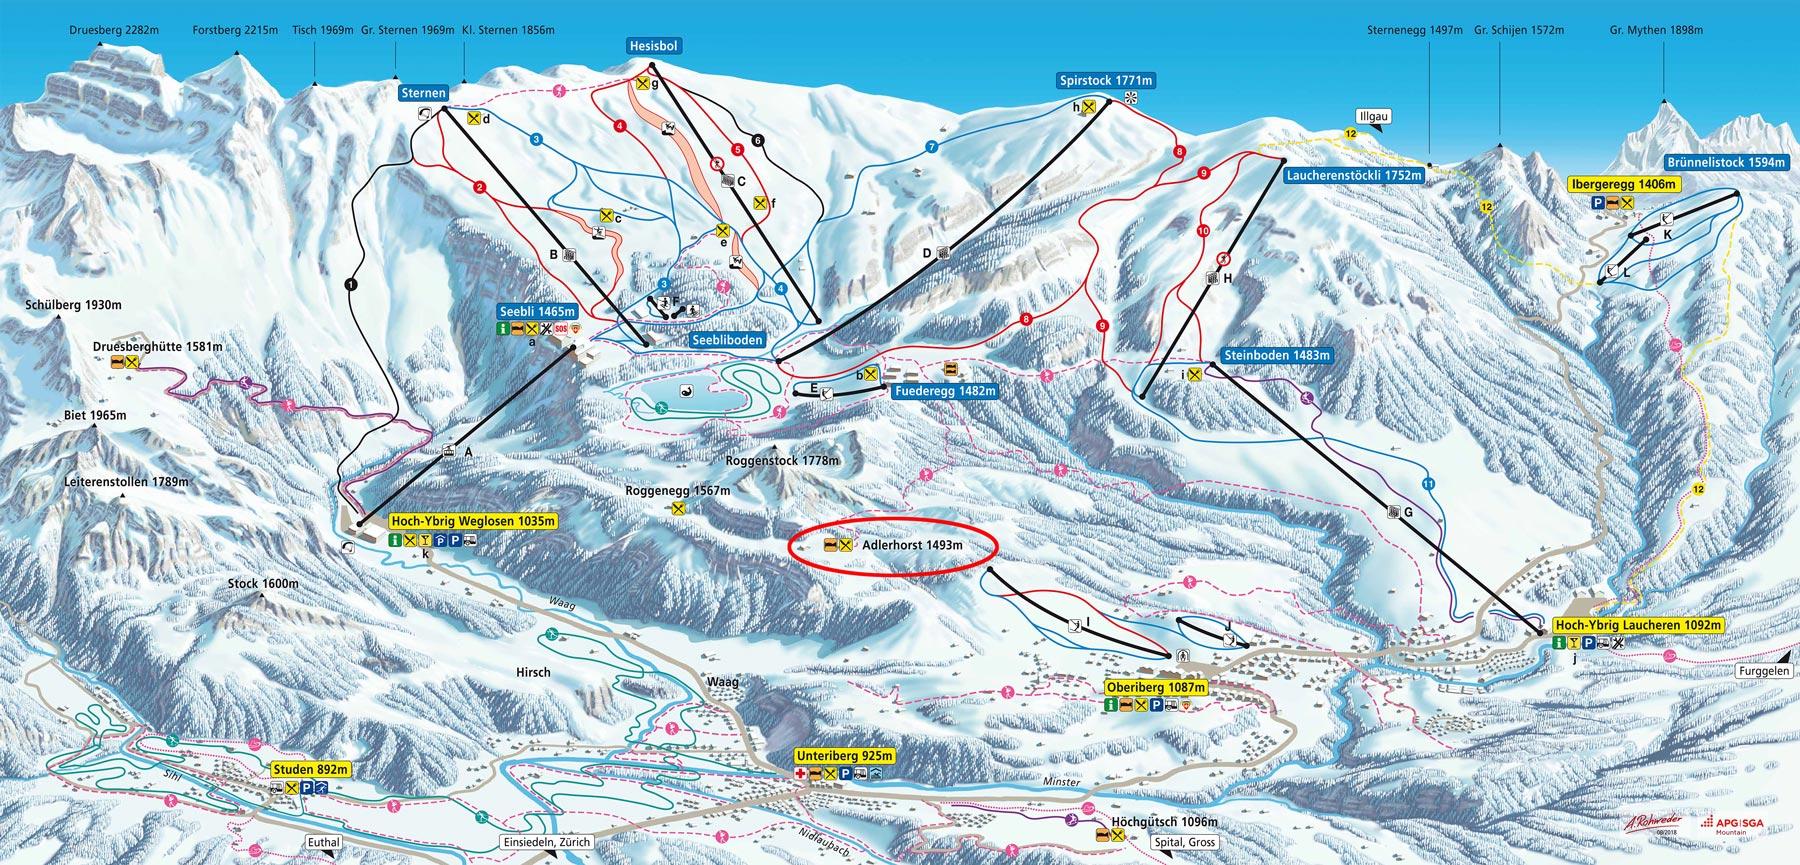 Panoramakarte  Übersicht Hoch-Ybrig Skigebiet Winter 2018-19 Adlerhorst